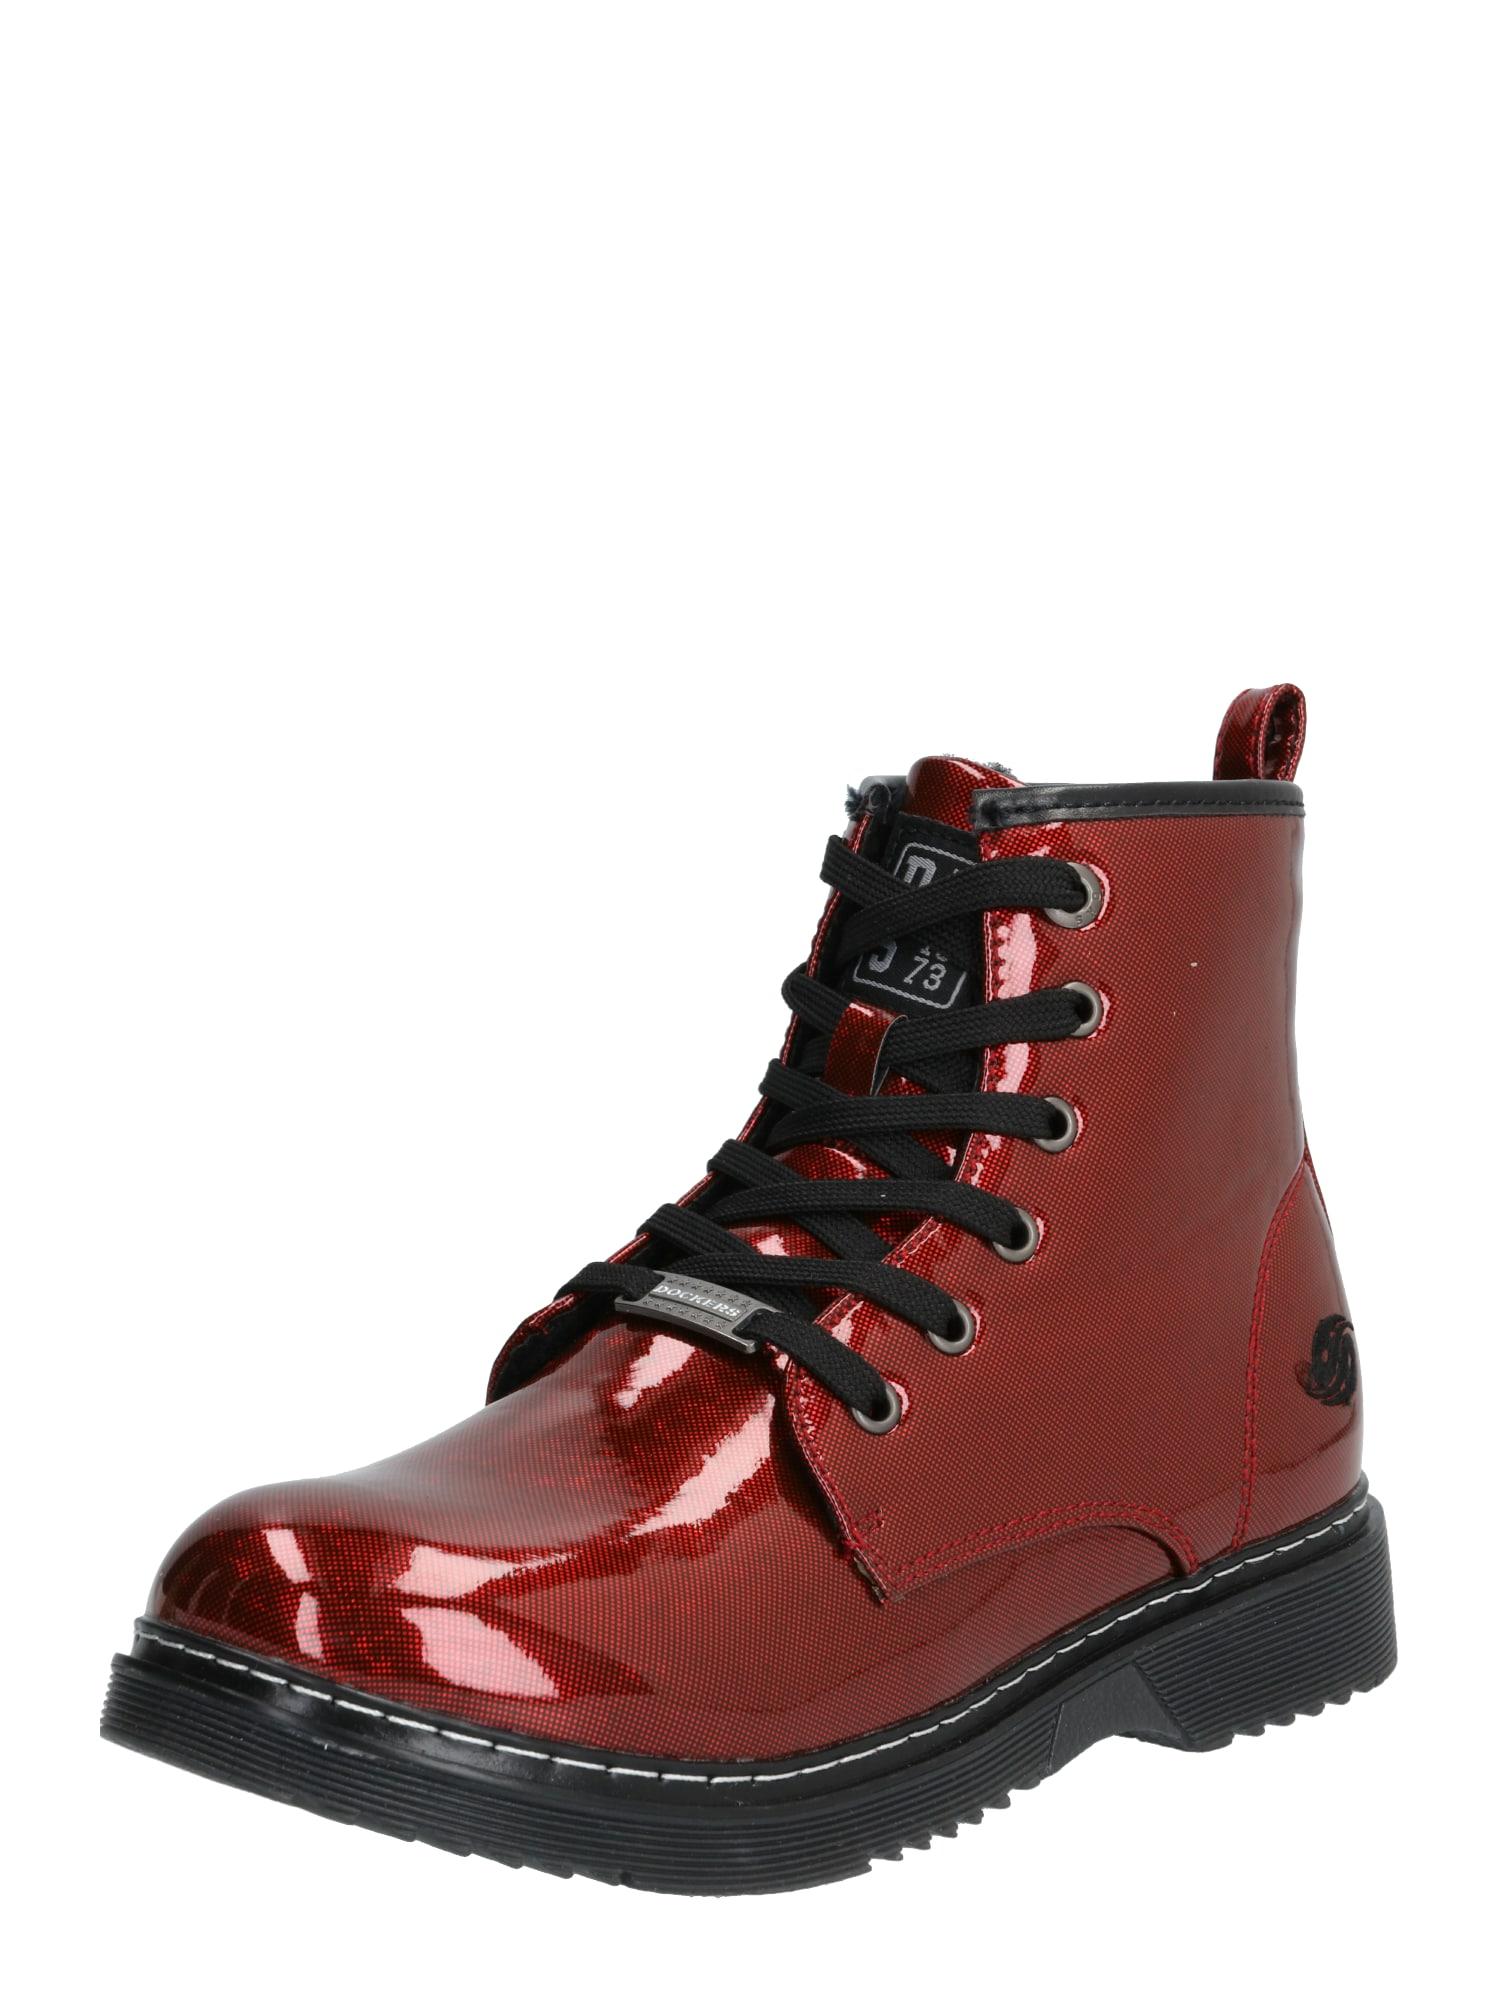 Dockers by Gerli Auliniai batai su kulniuku '43CU739' raudona